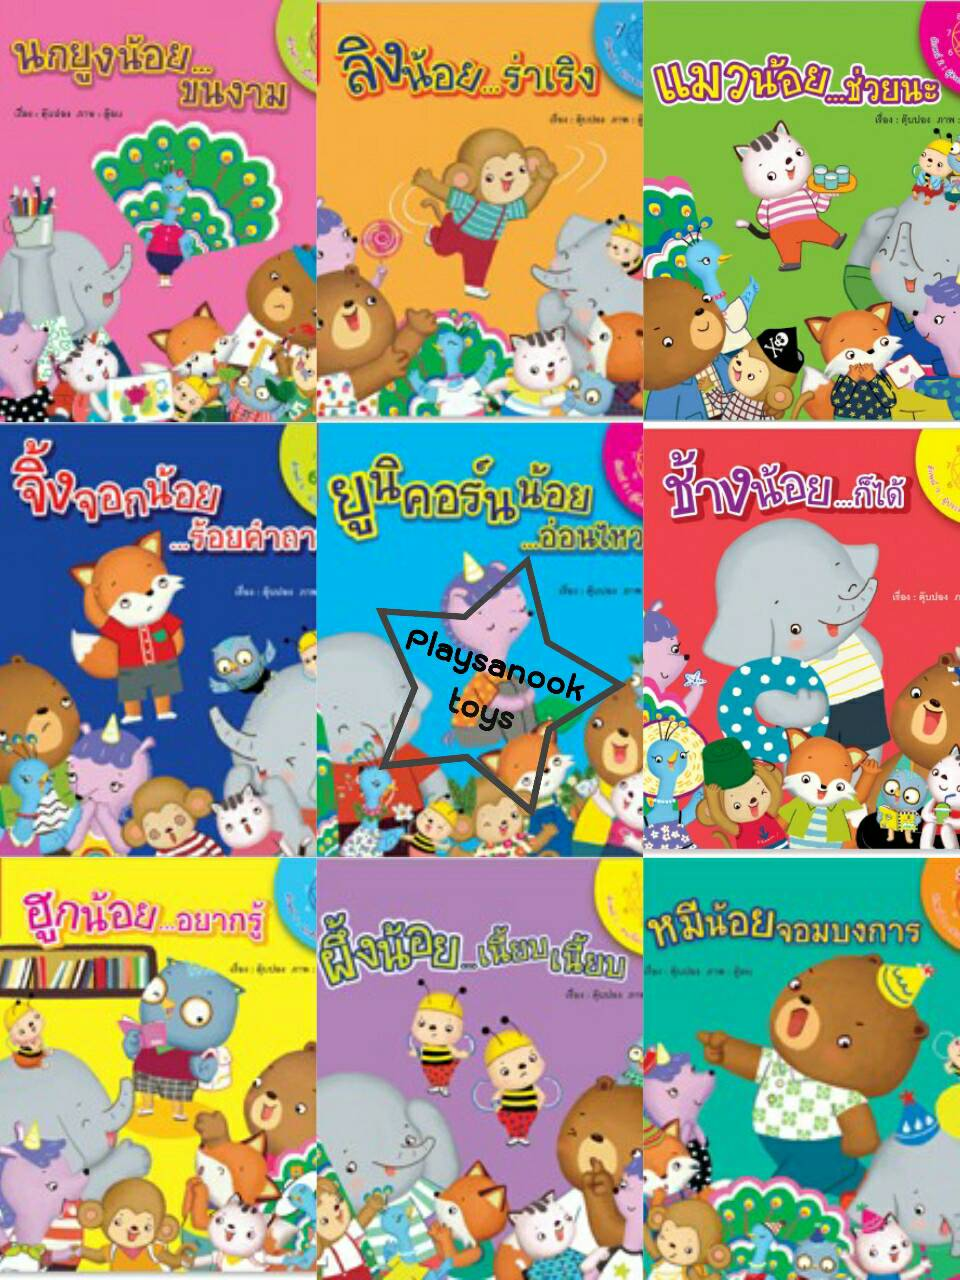 PBP-143 หนังสือชุดรักลูกให้ถูกลักษณ์ (ปกอ่อน) 1 ชุดมี 9 เรื่อง